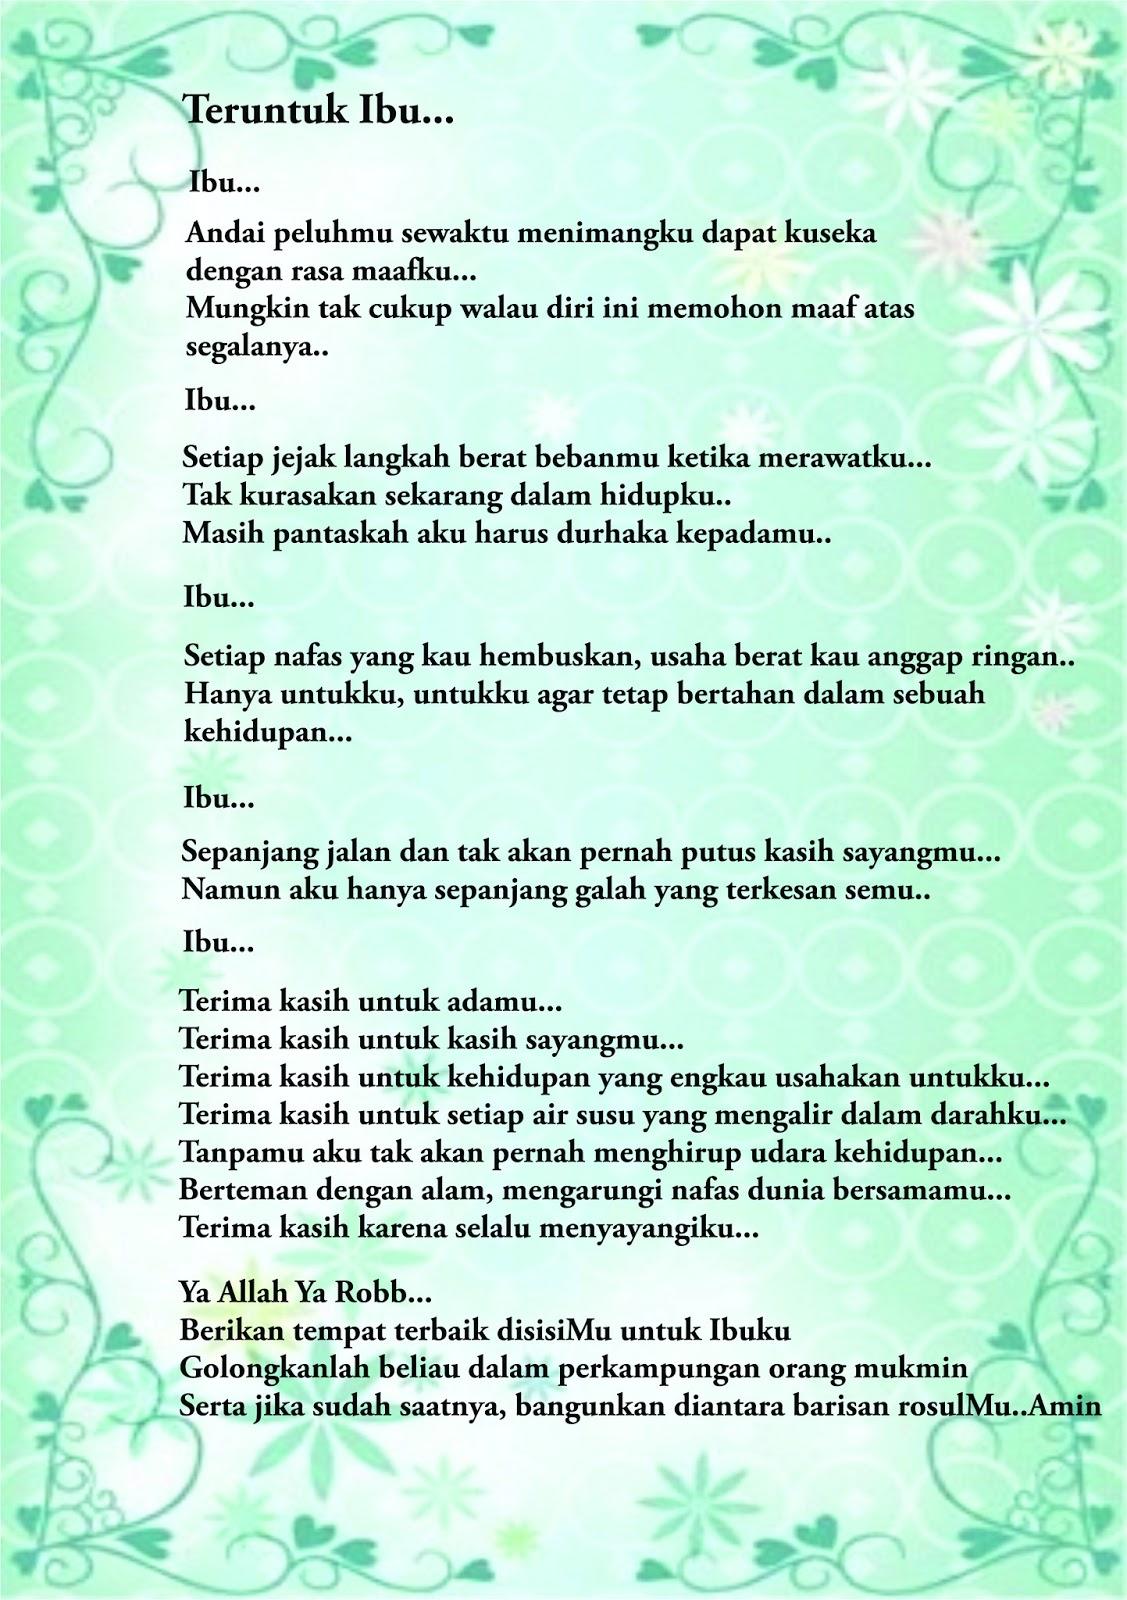 Puisi Untuk Ibu Tersayang